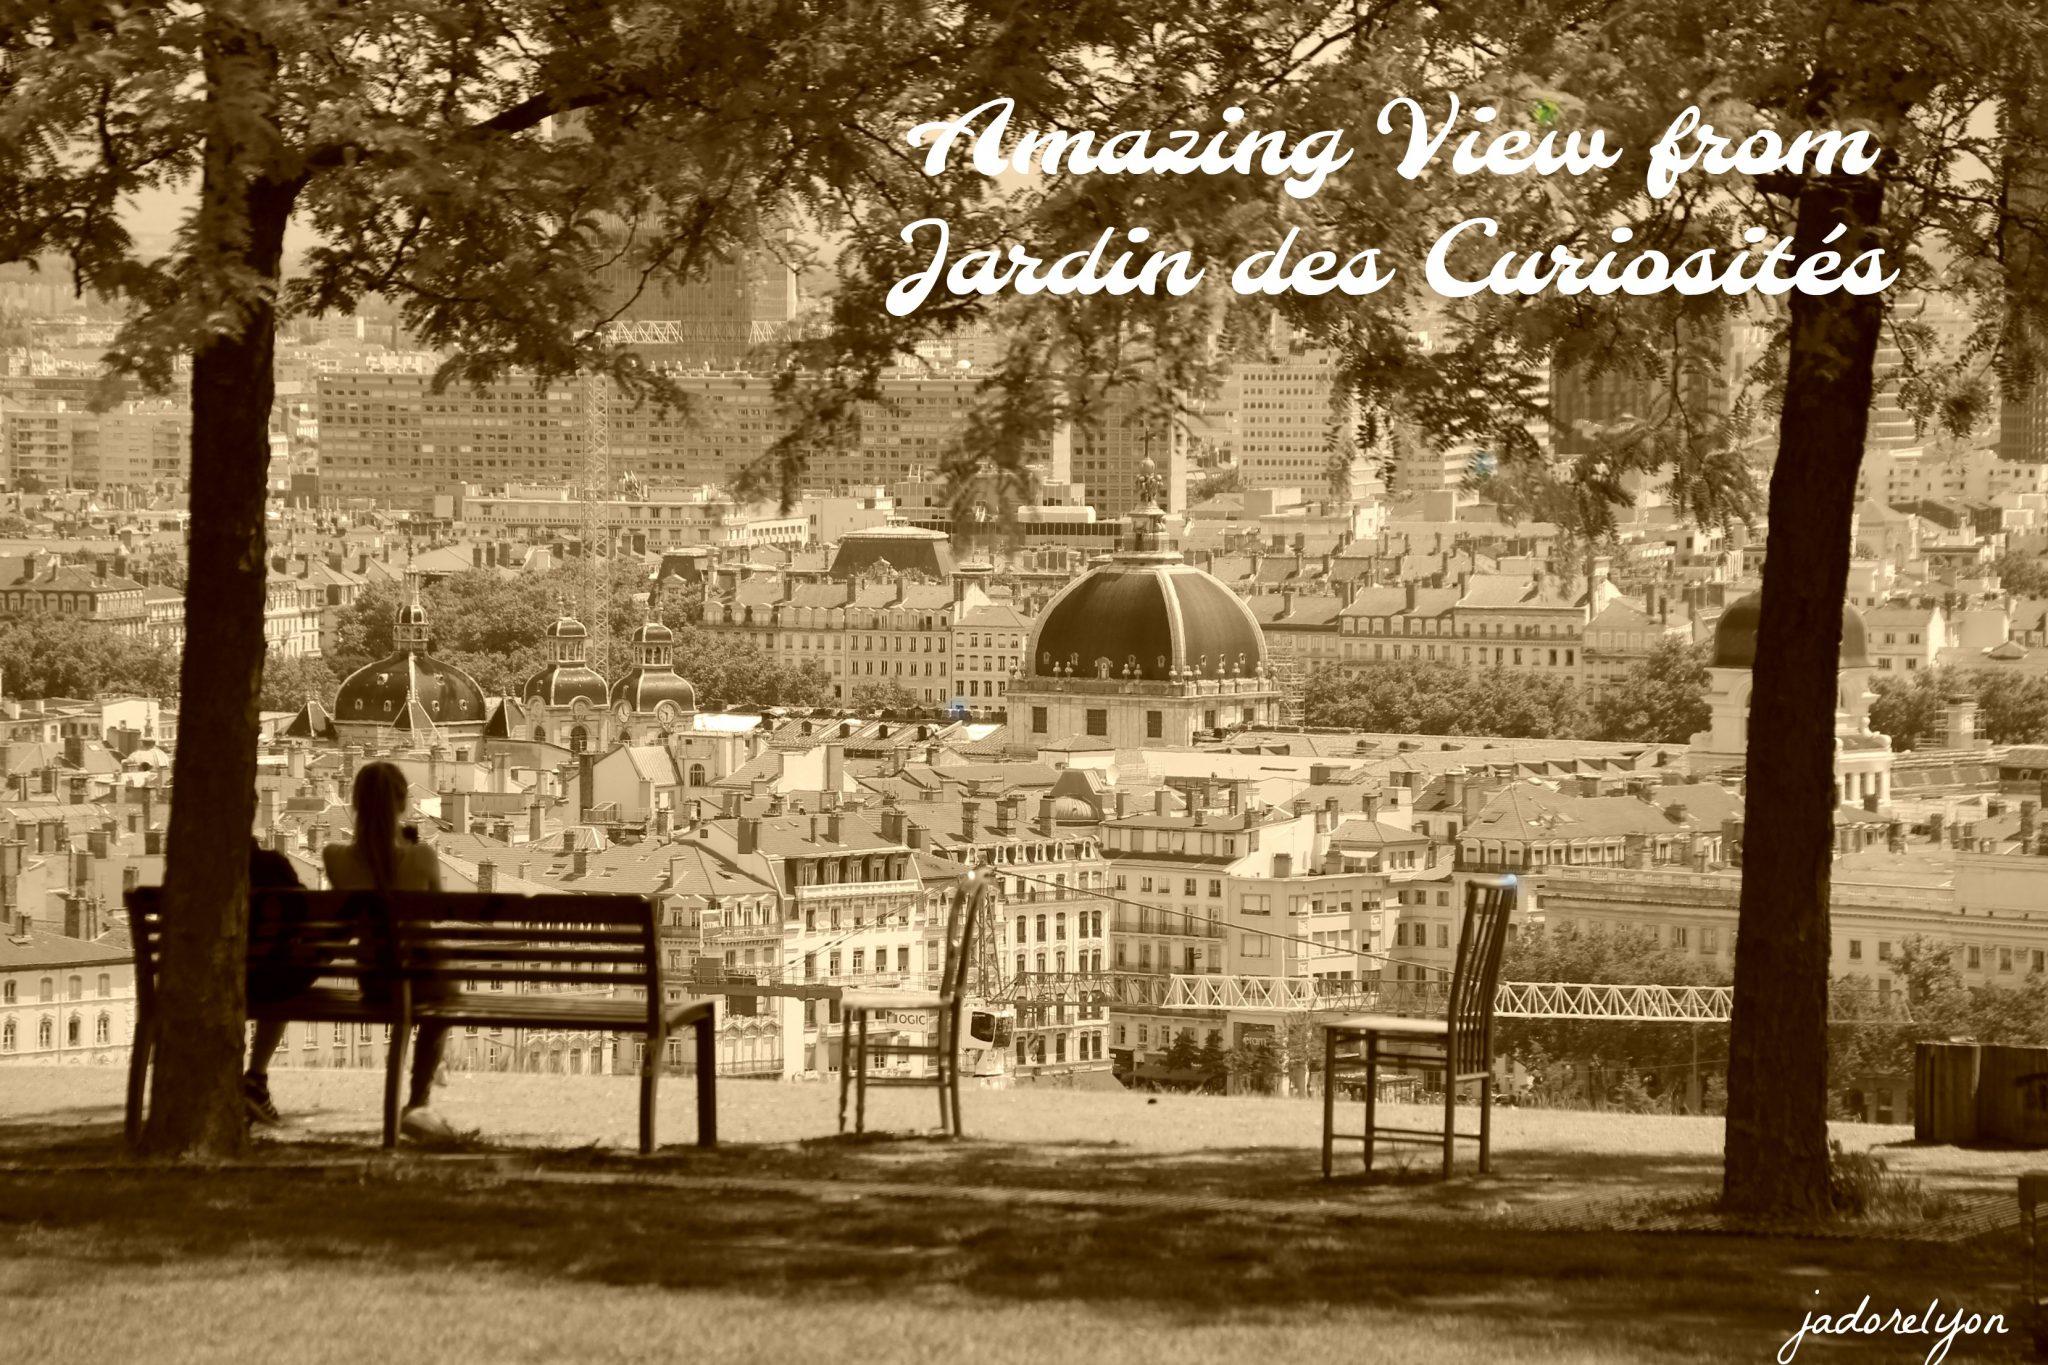 Amazing view from Jardin des Curiosités